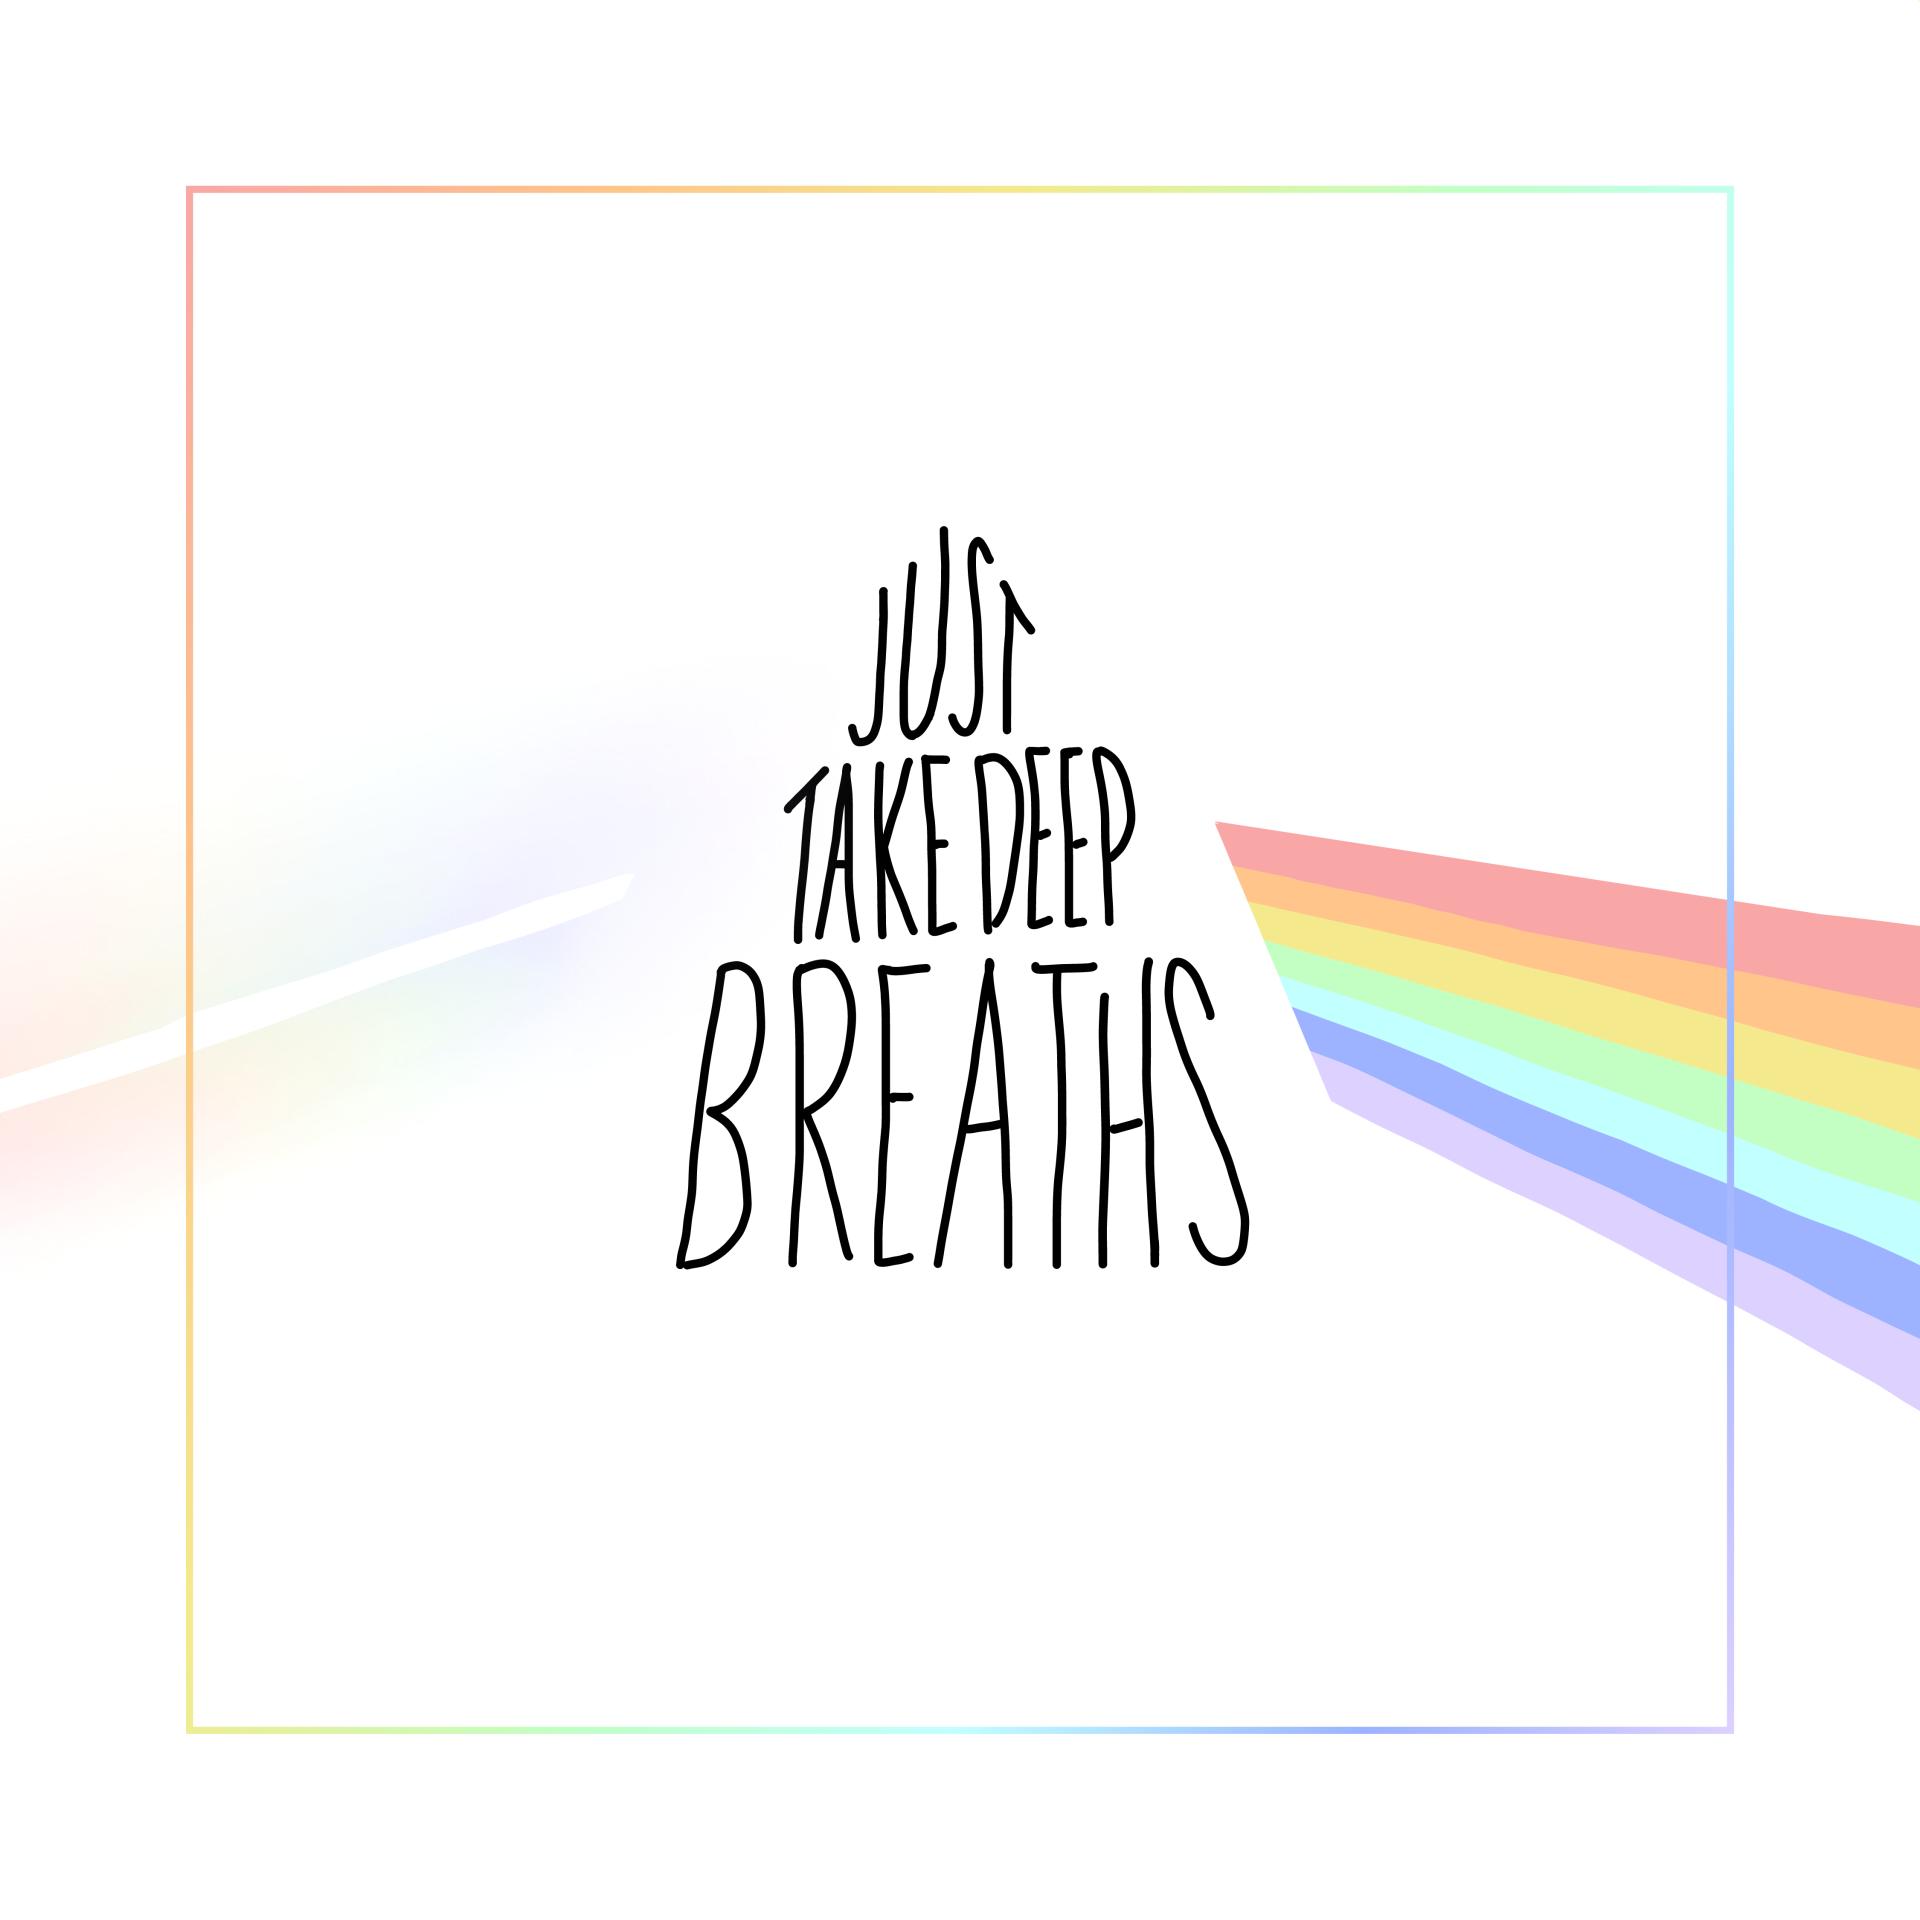 """grafikdesign, quadrat, hintergrund weiß. quadratischer rahmen in regenbogen-pastellfarben. mittig steht in einem dreieck angeordnet """"just take deep breaths"""". angelehnt an ein prisma bricht das licht an der schrift, links als lichtstrahl, rechts als regenbogen farbspektrum"""